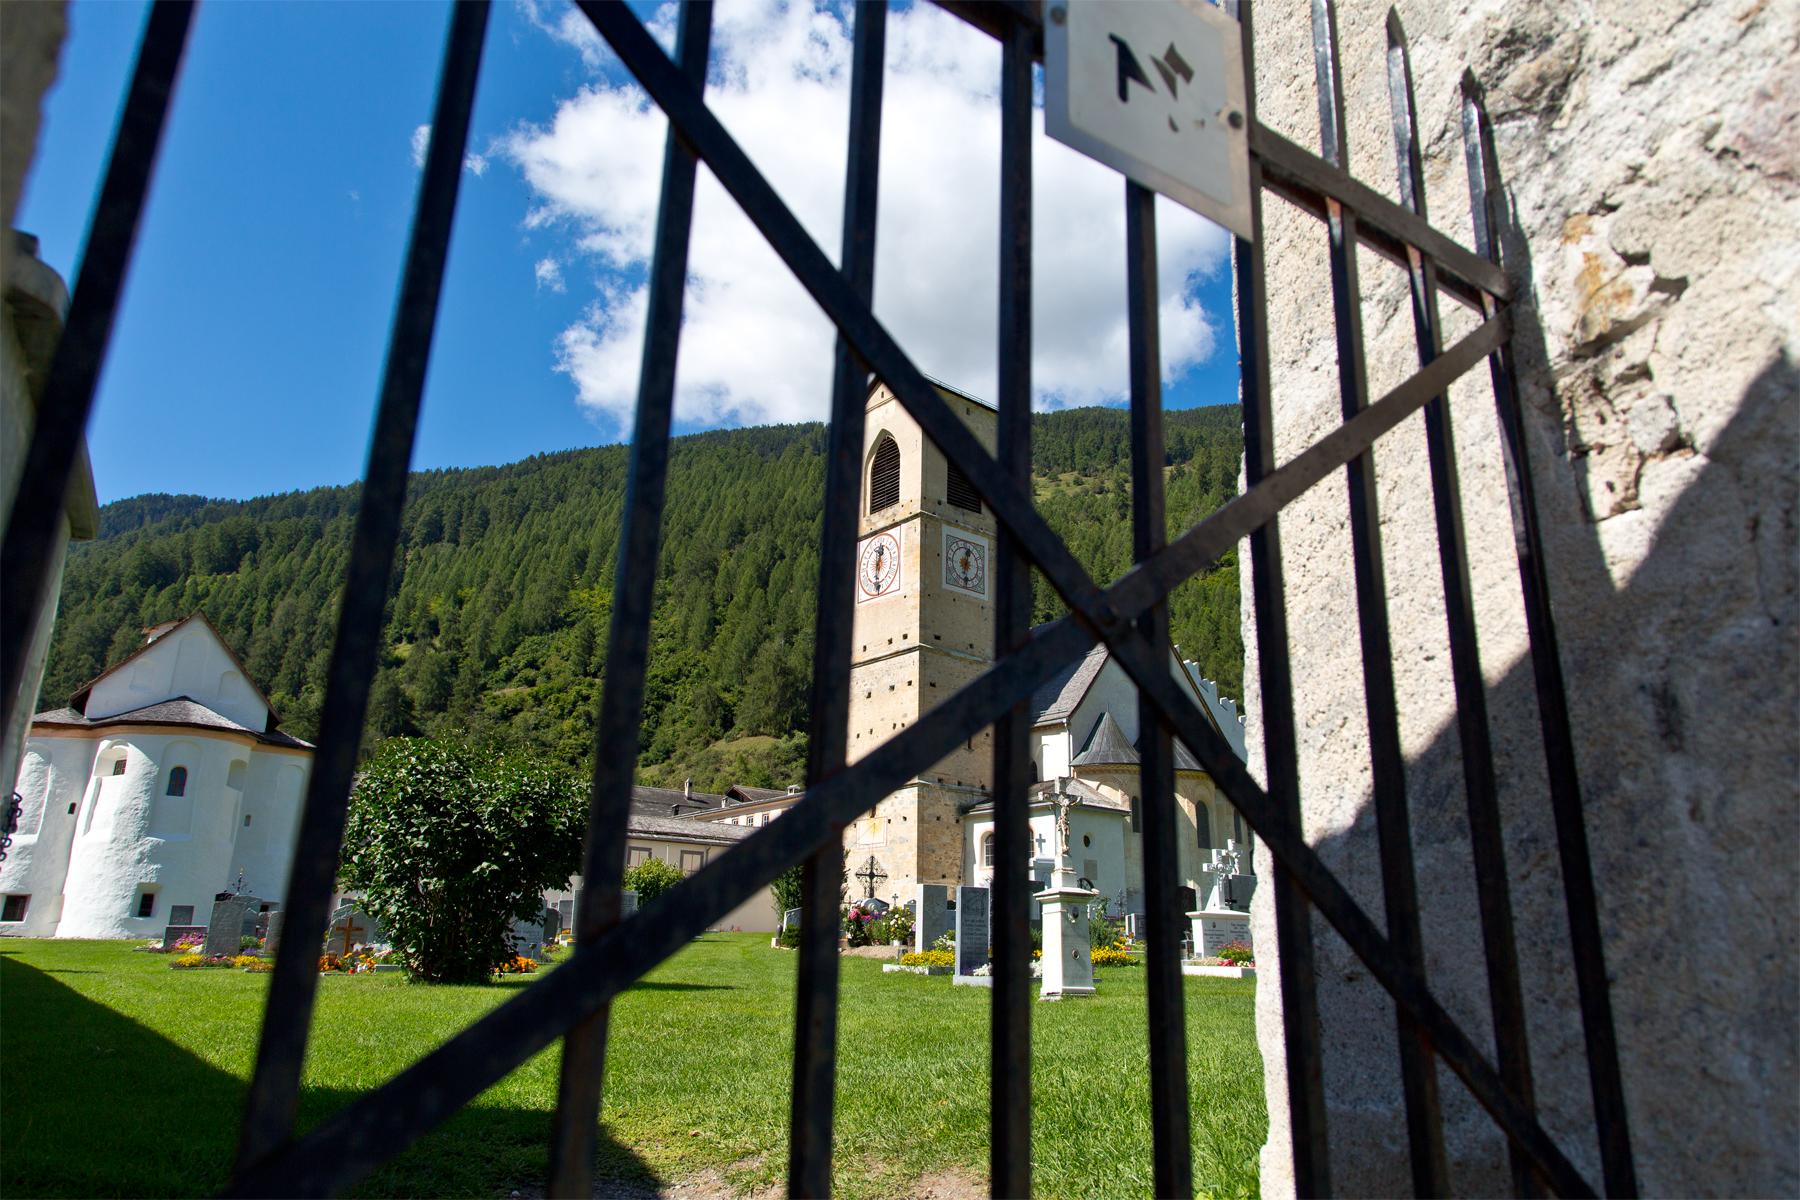 Blick durch das Gitter